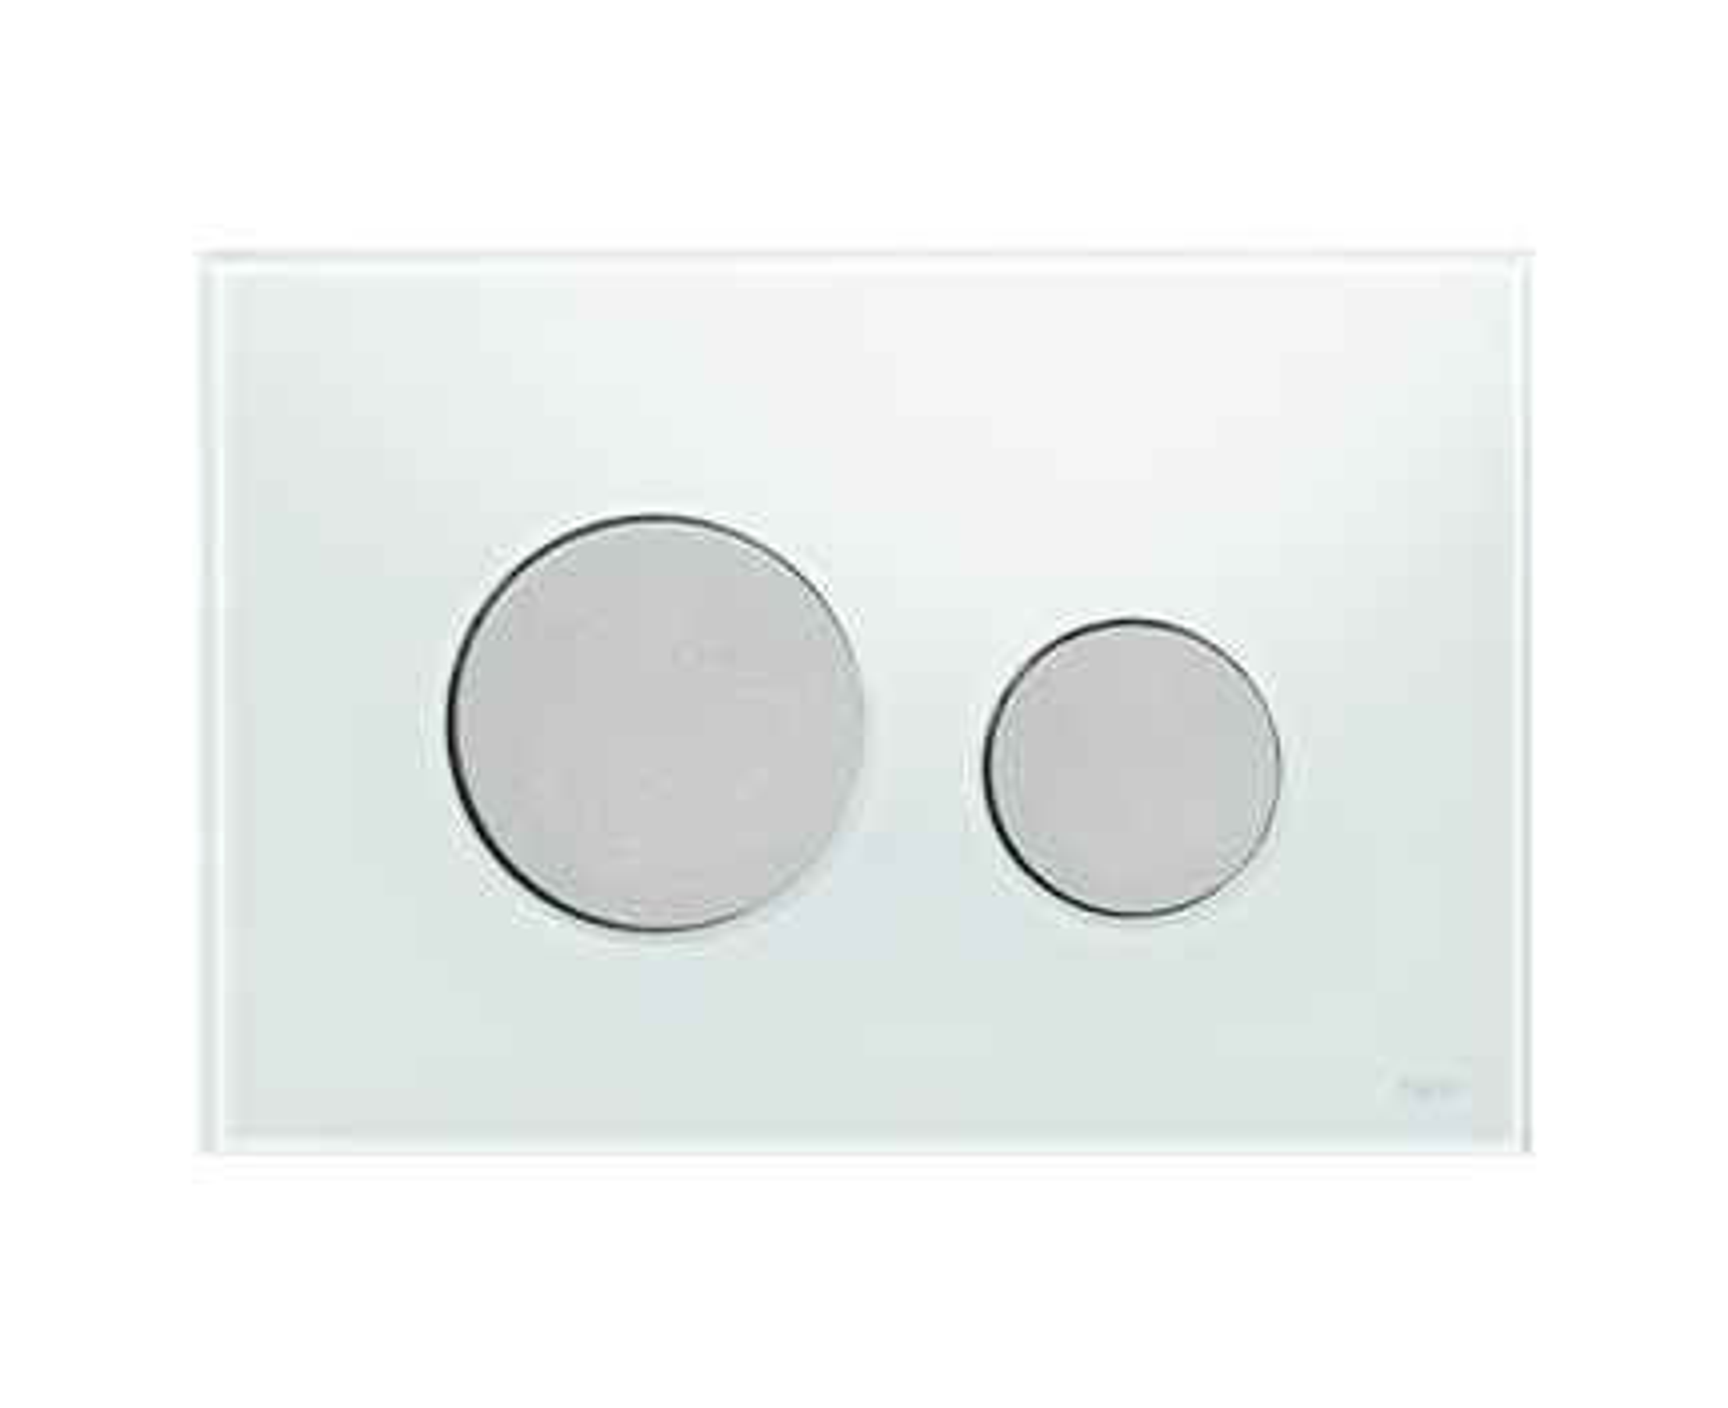 Tece Loop Wc Betatigungsplatte Glas Fur Zweimengentechnik Schwarz